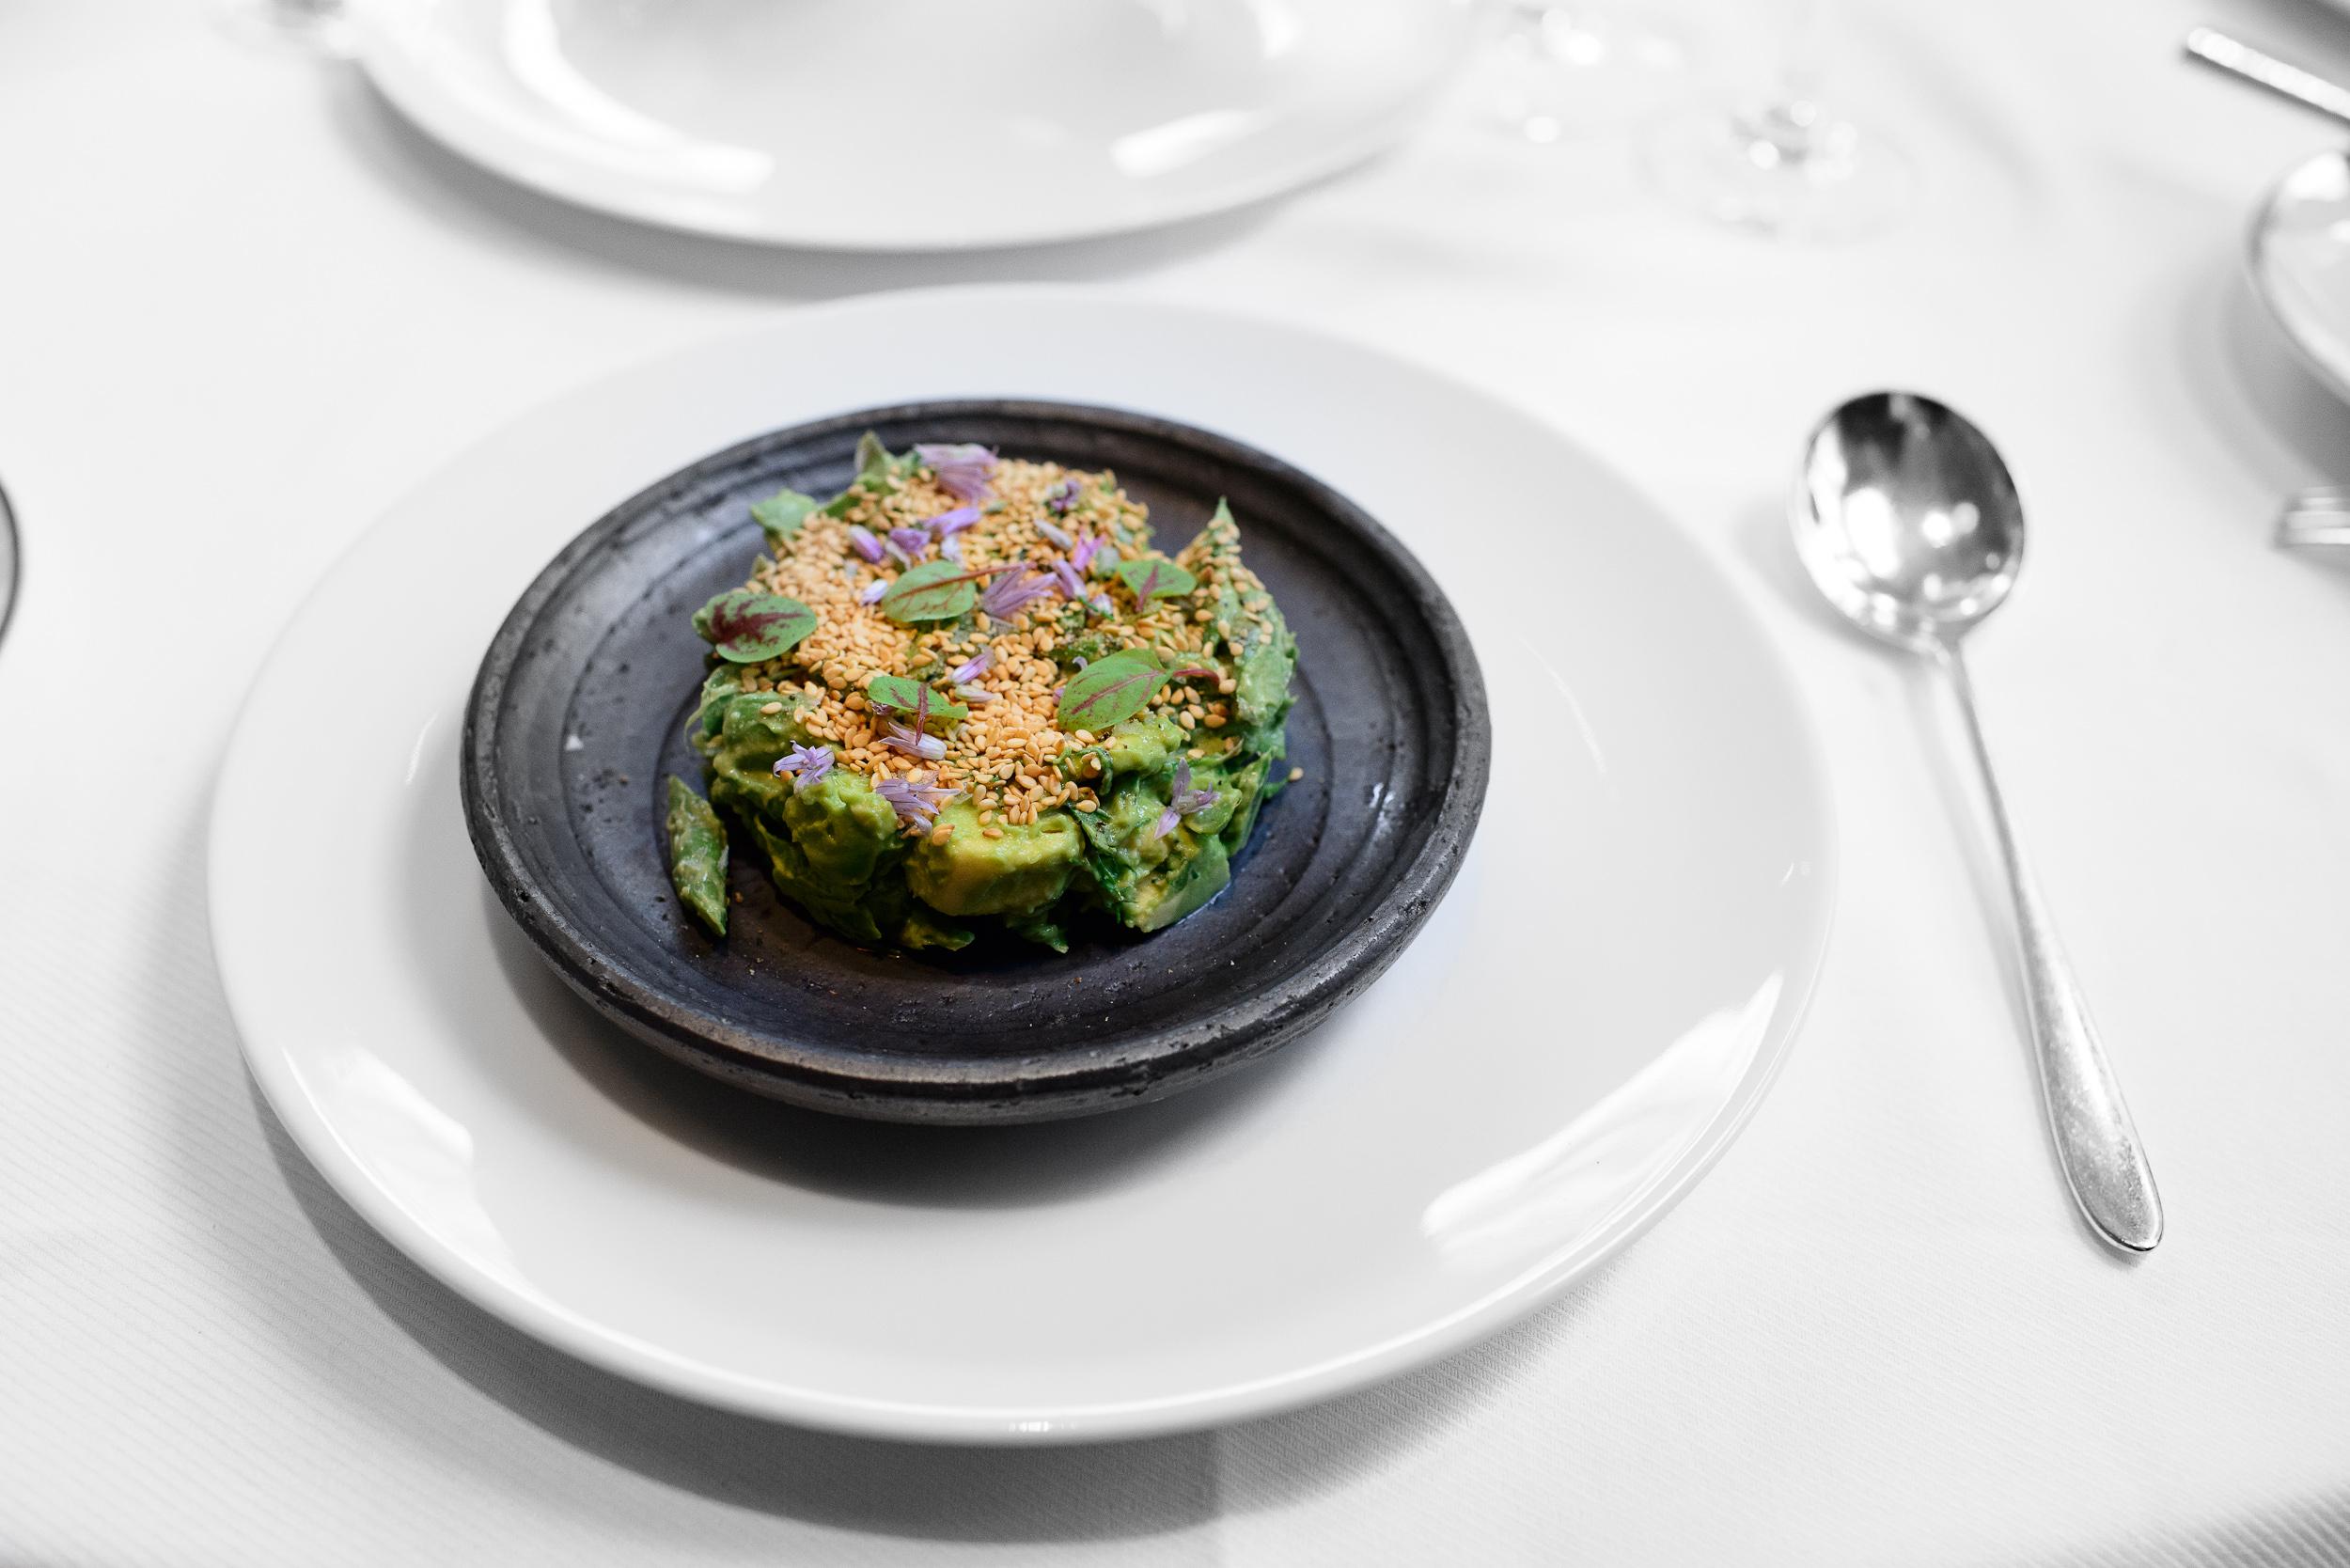 Green asparagus and avocado salad, sorrel dressing and sesame